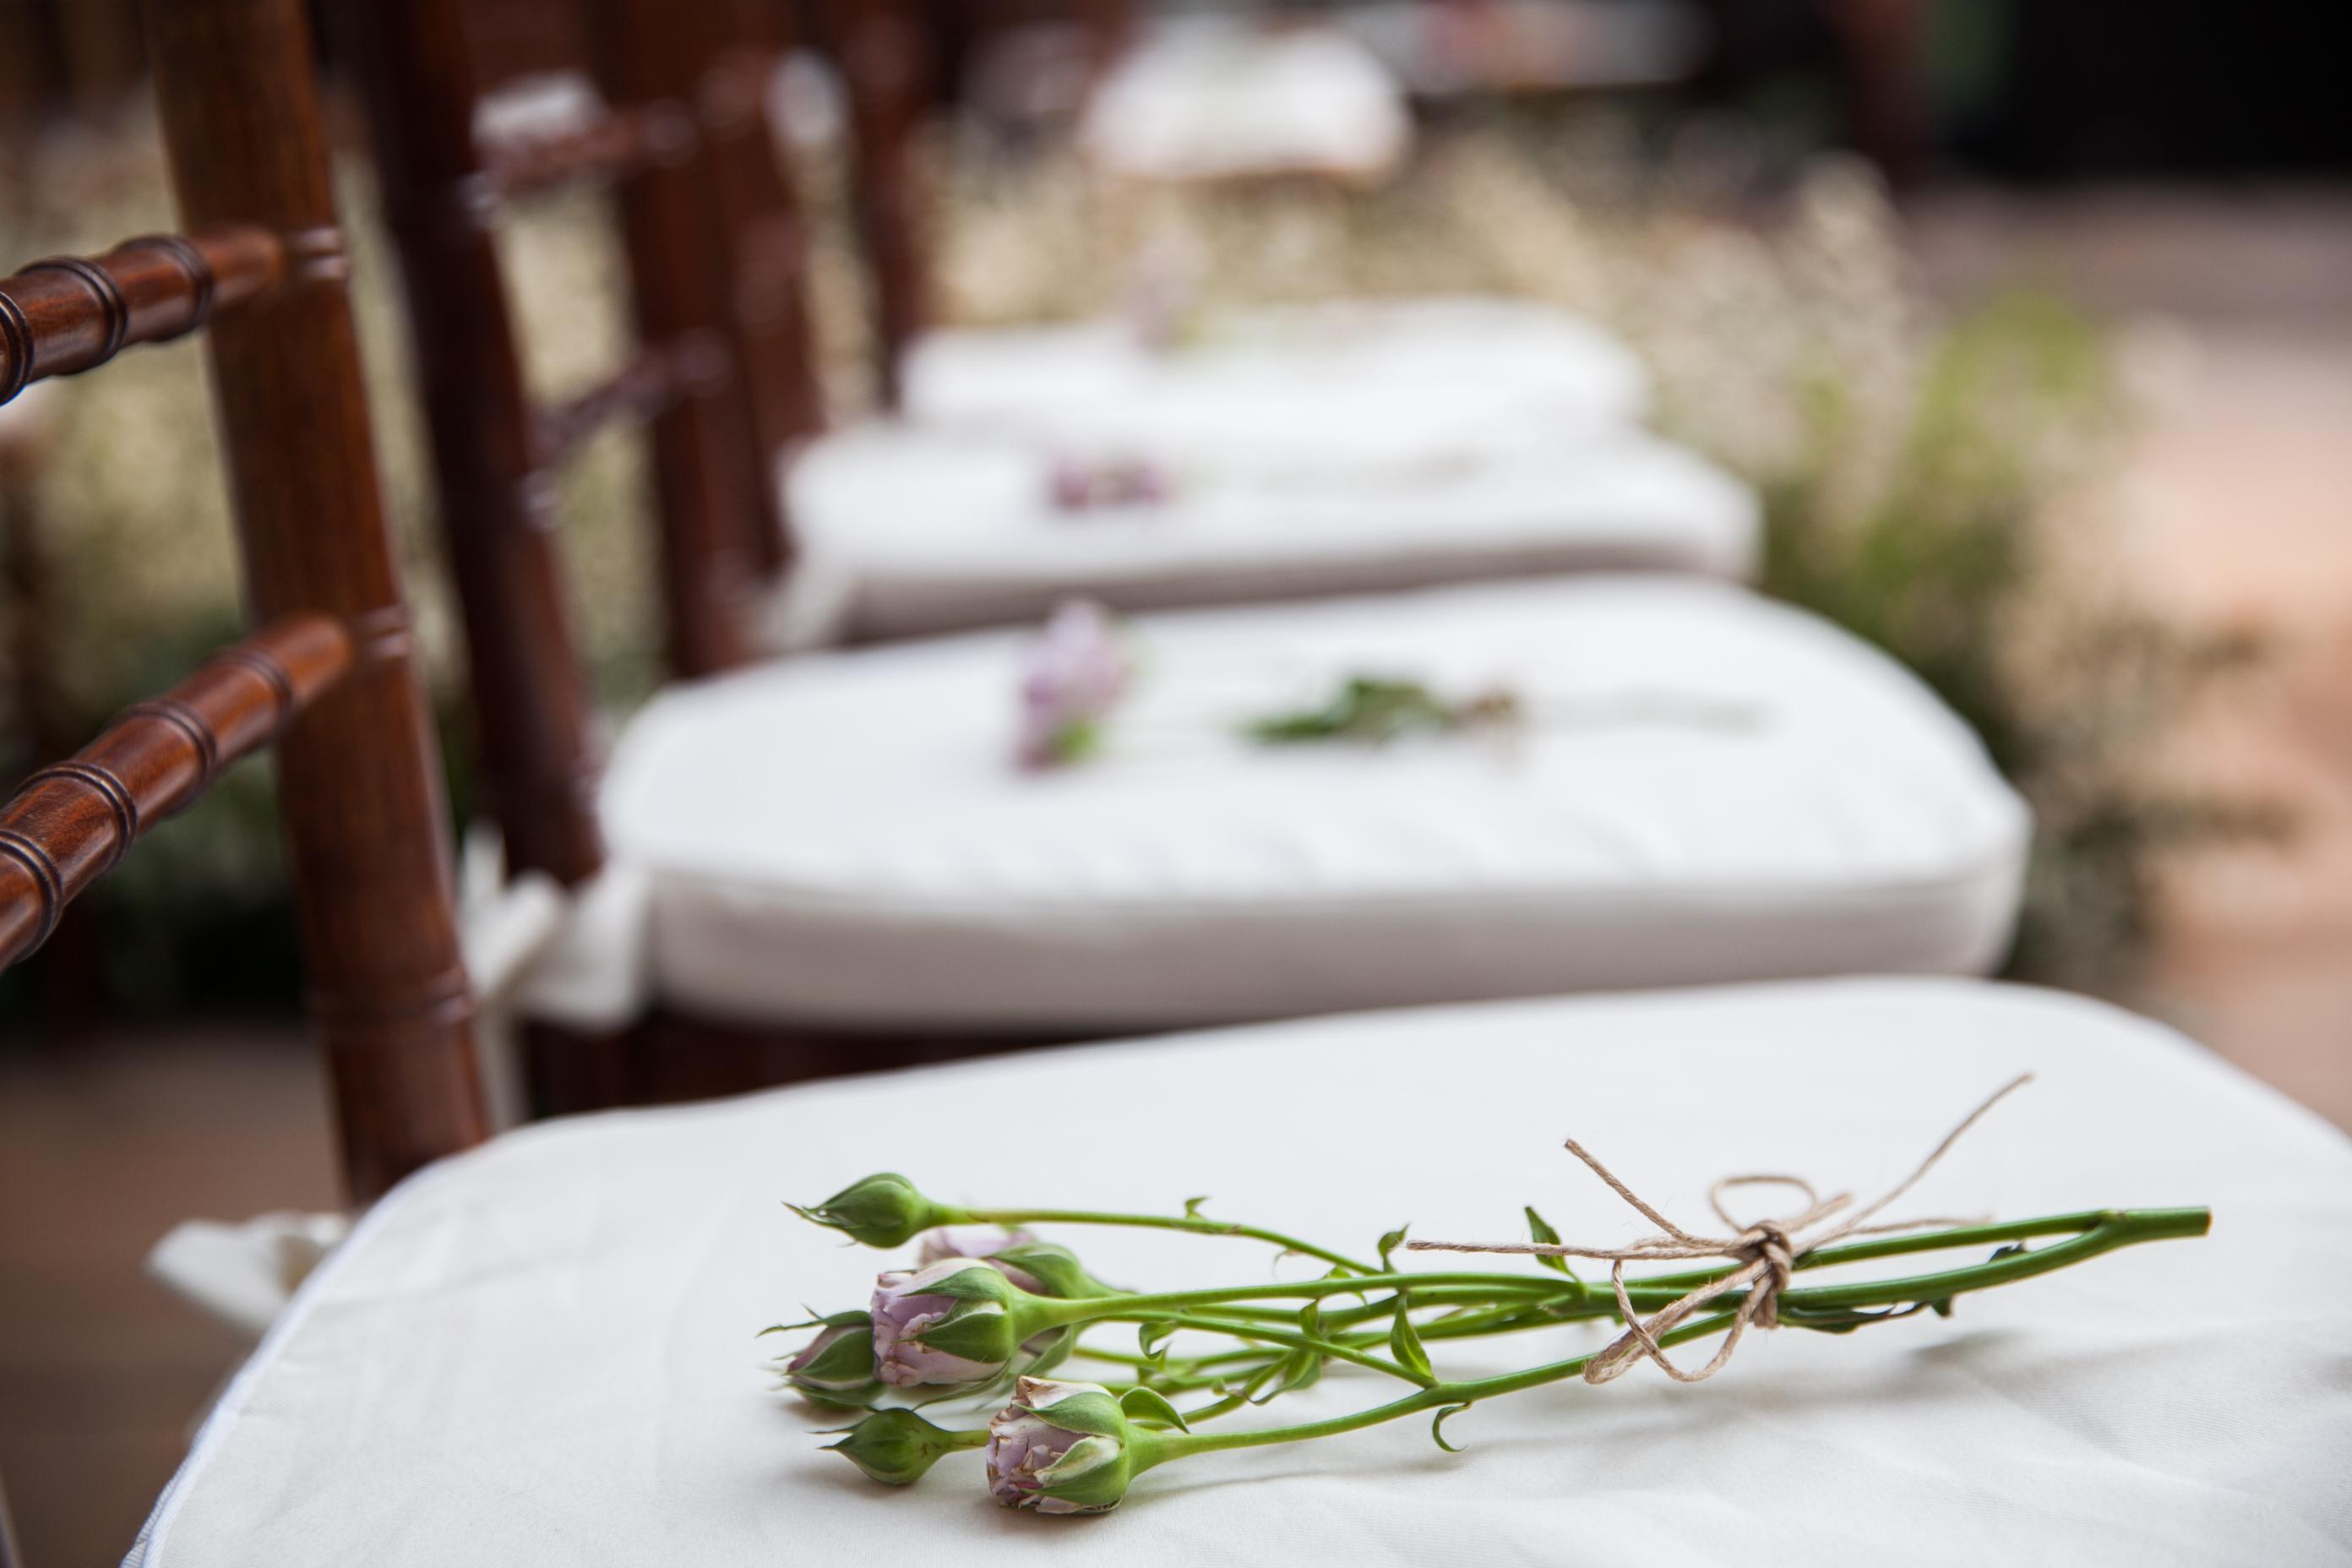 Detalhes - Cadeiras reservadas cerimônia